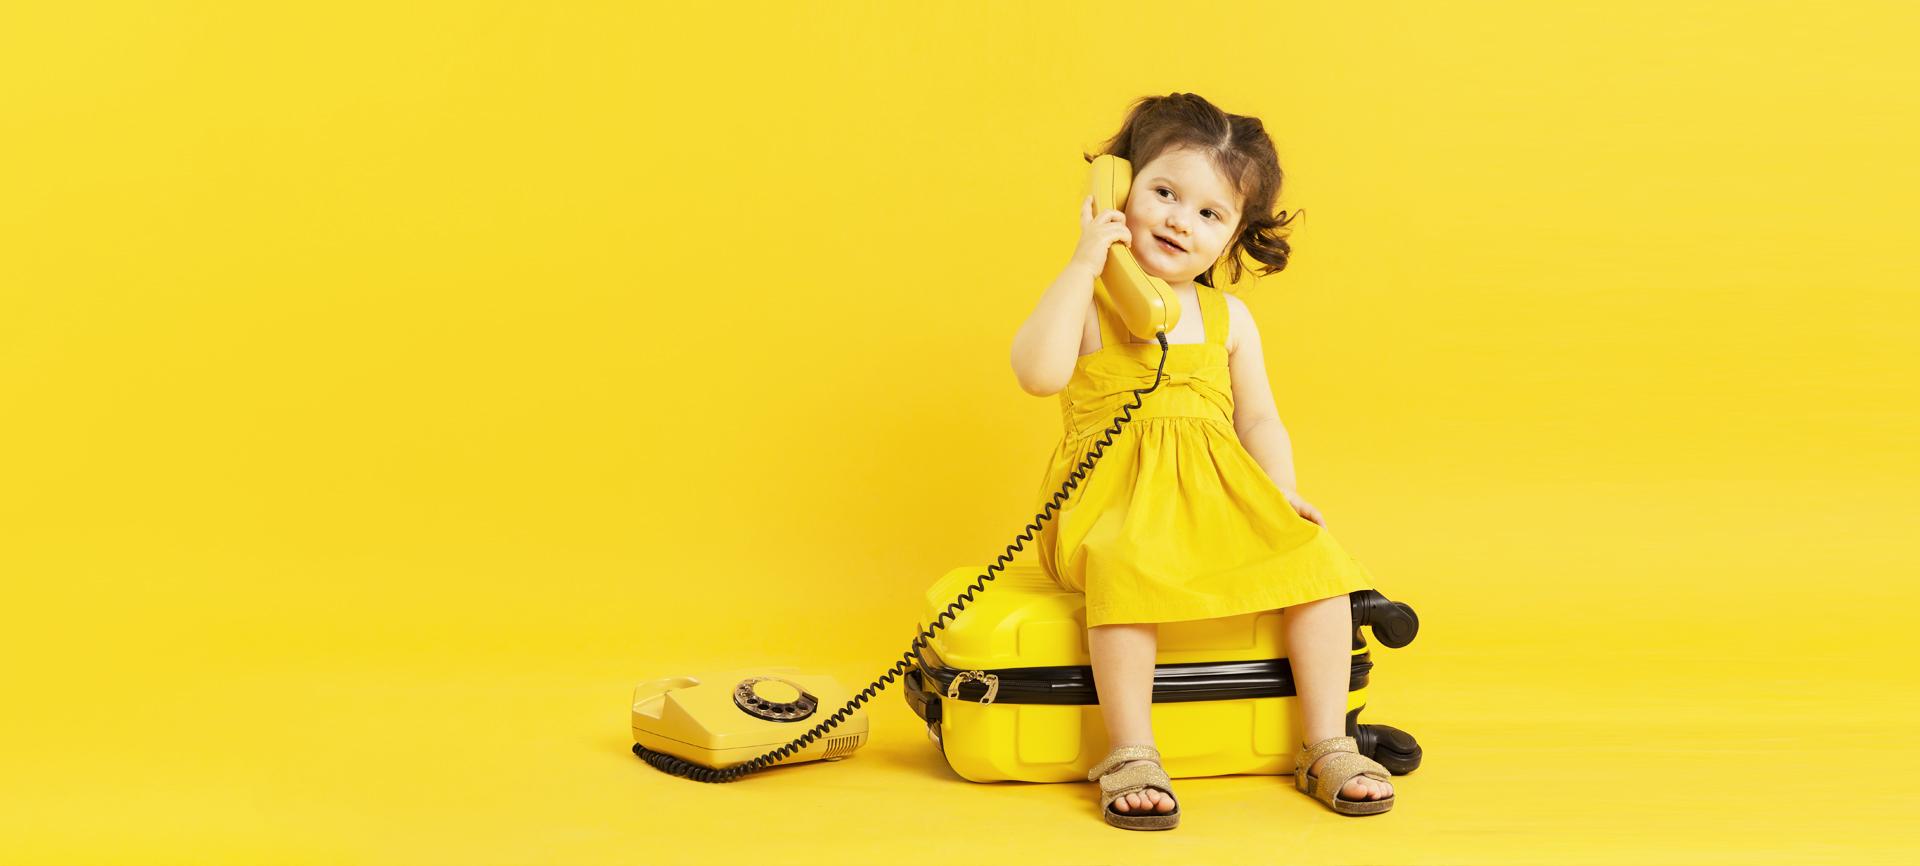 Temps de pause rendez-vous téléphonique